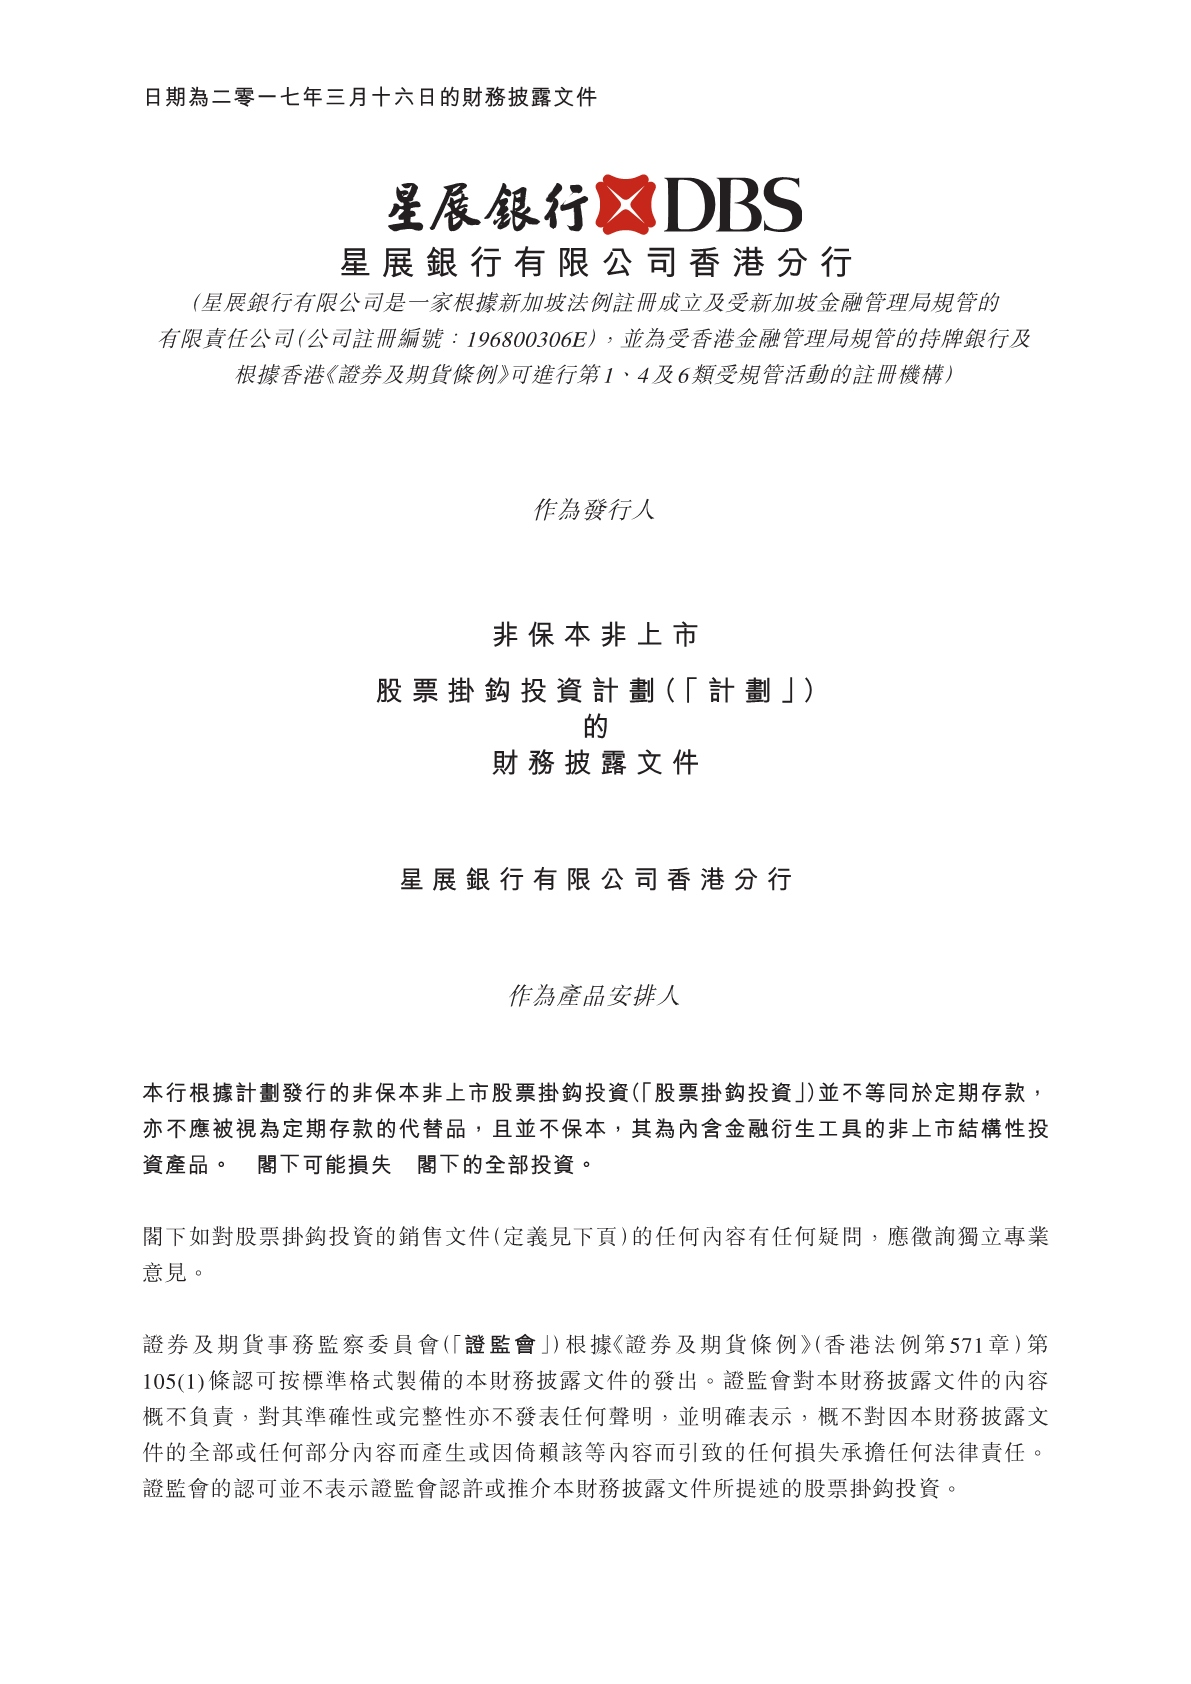 星展银行有限公司香港分行 – 财务披露文件